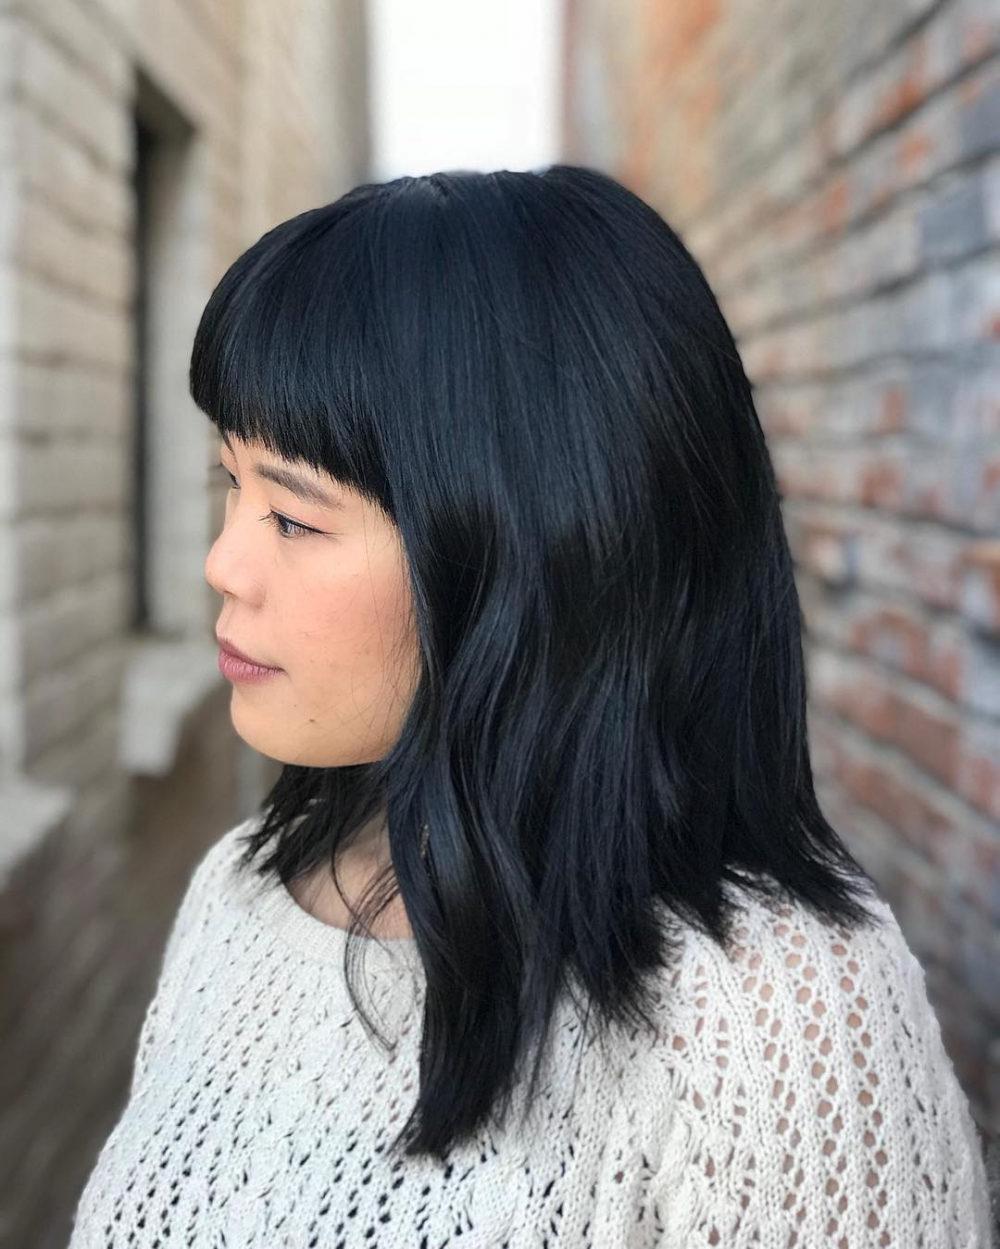 Trendy Medium Hairstyles With Blunt Bangs In 53 Popular Medium Length Hairstyles With Bangs In  (View 10 of 20)